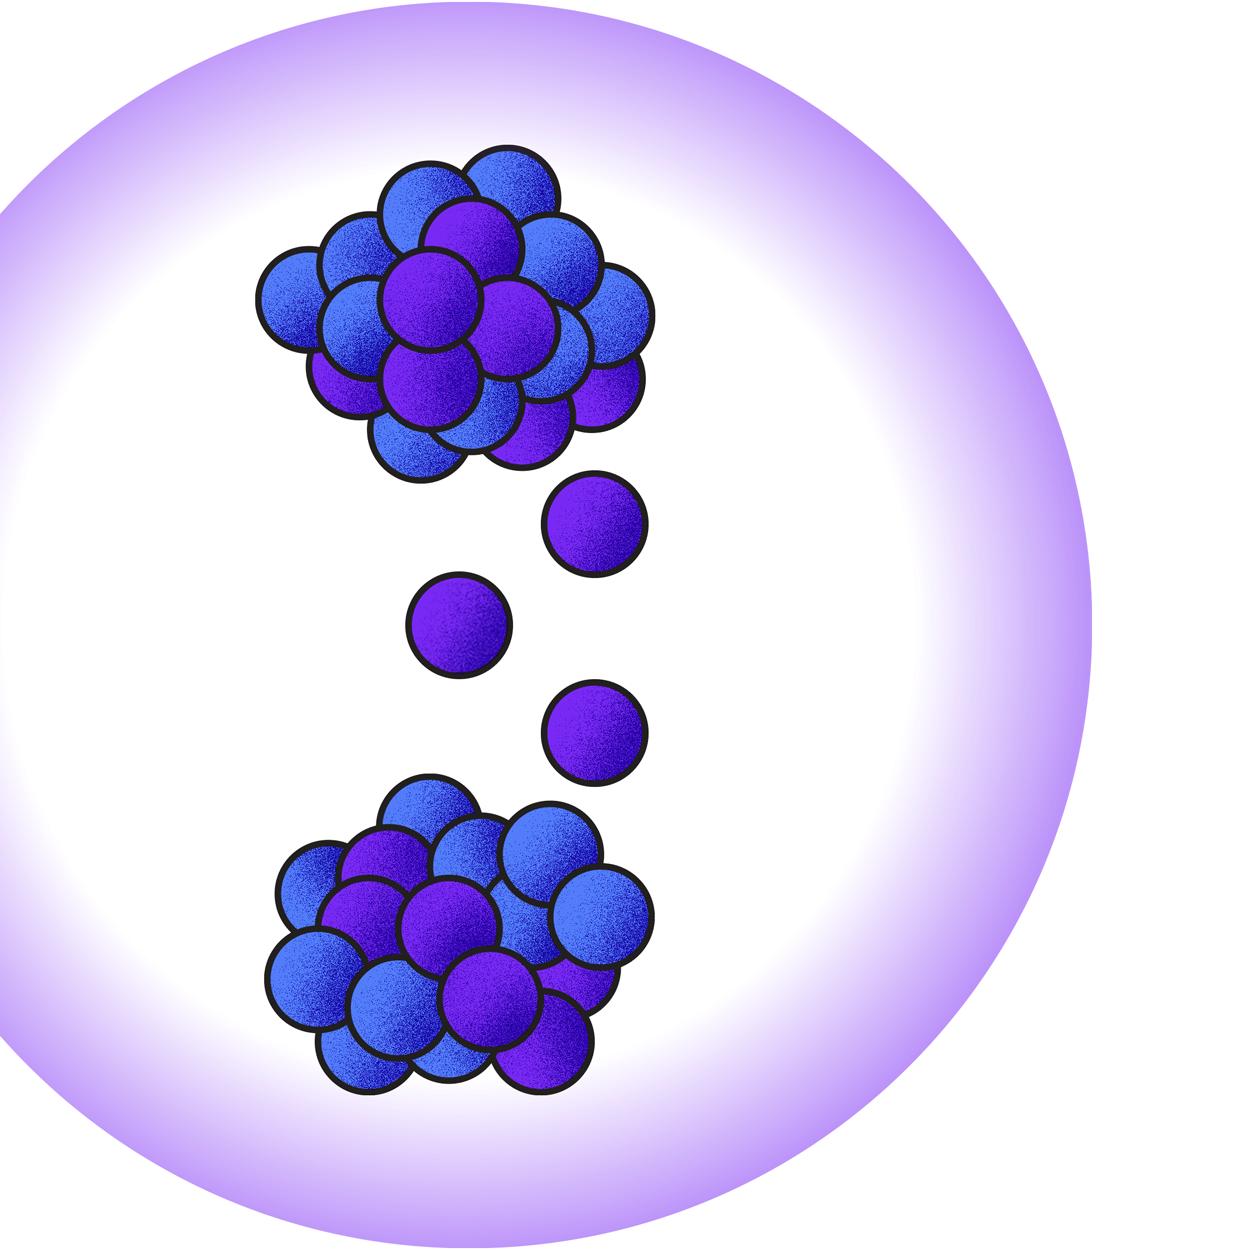 Quebrando átomos Saiba Por Que Uma Bomba Nuclear é Tão